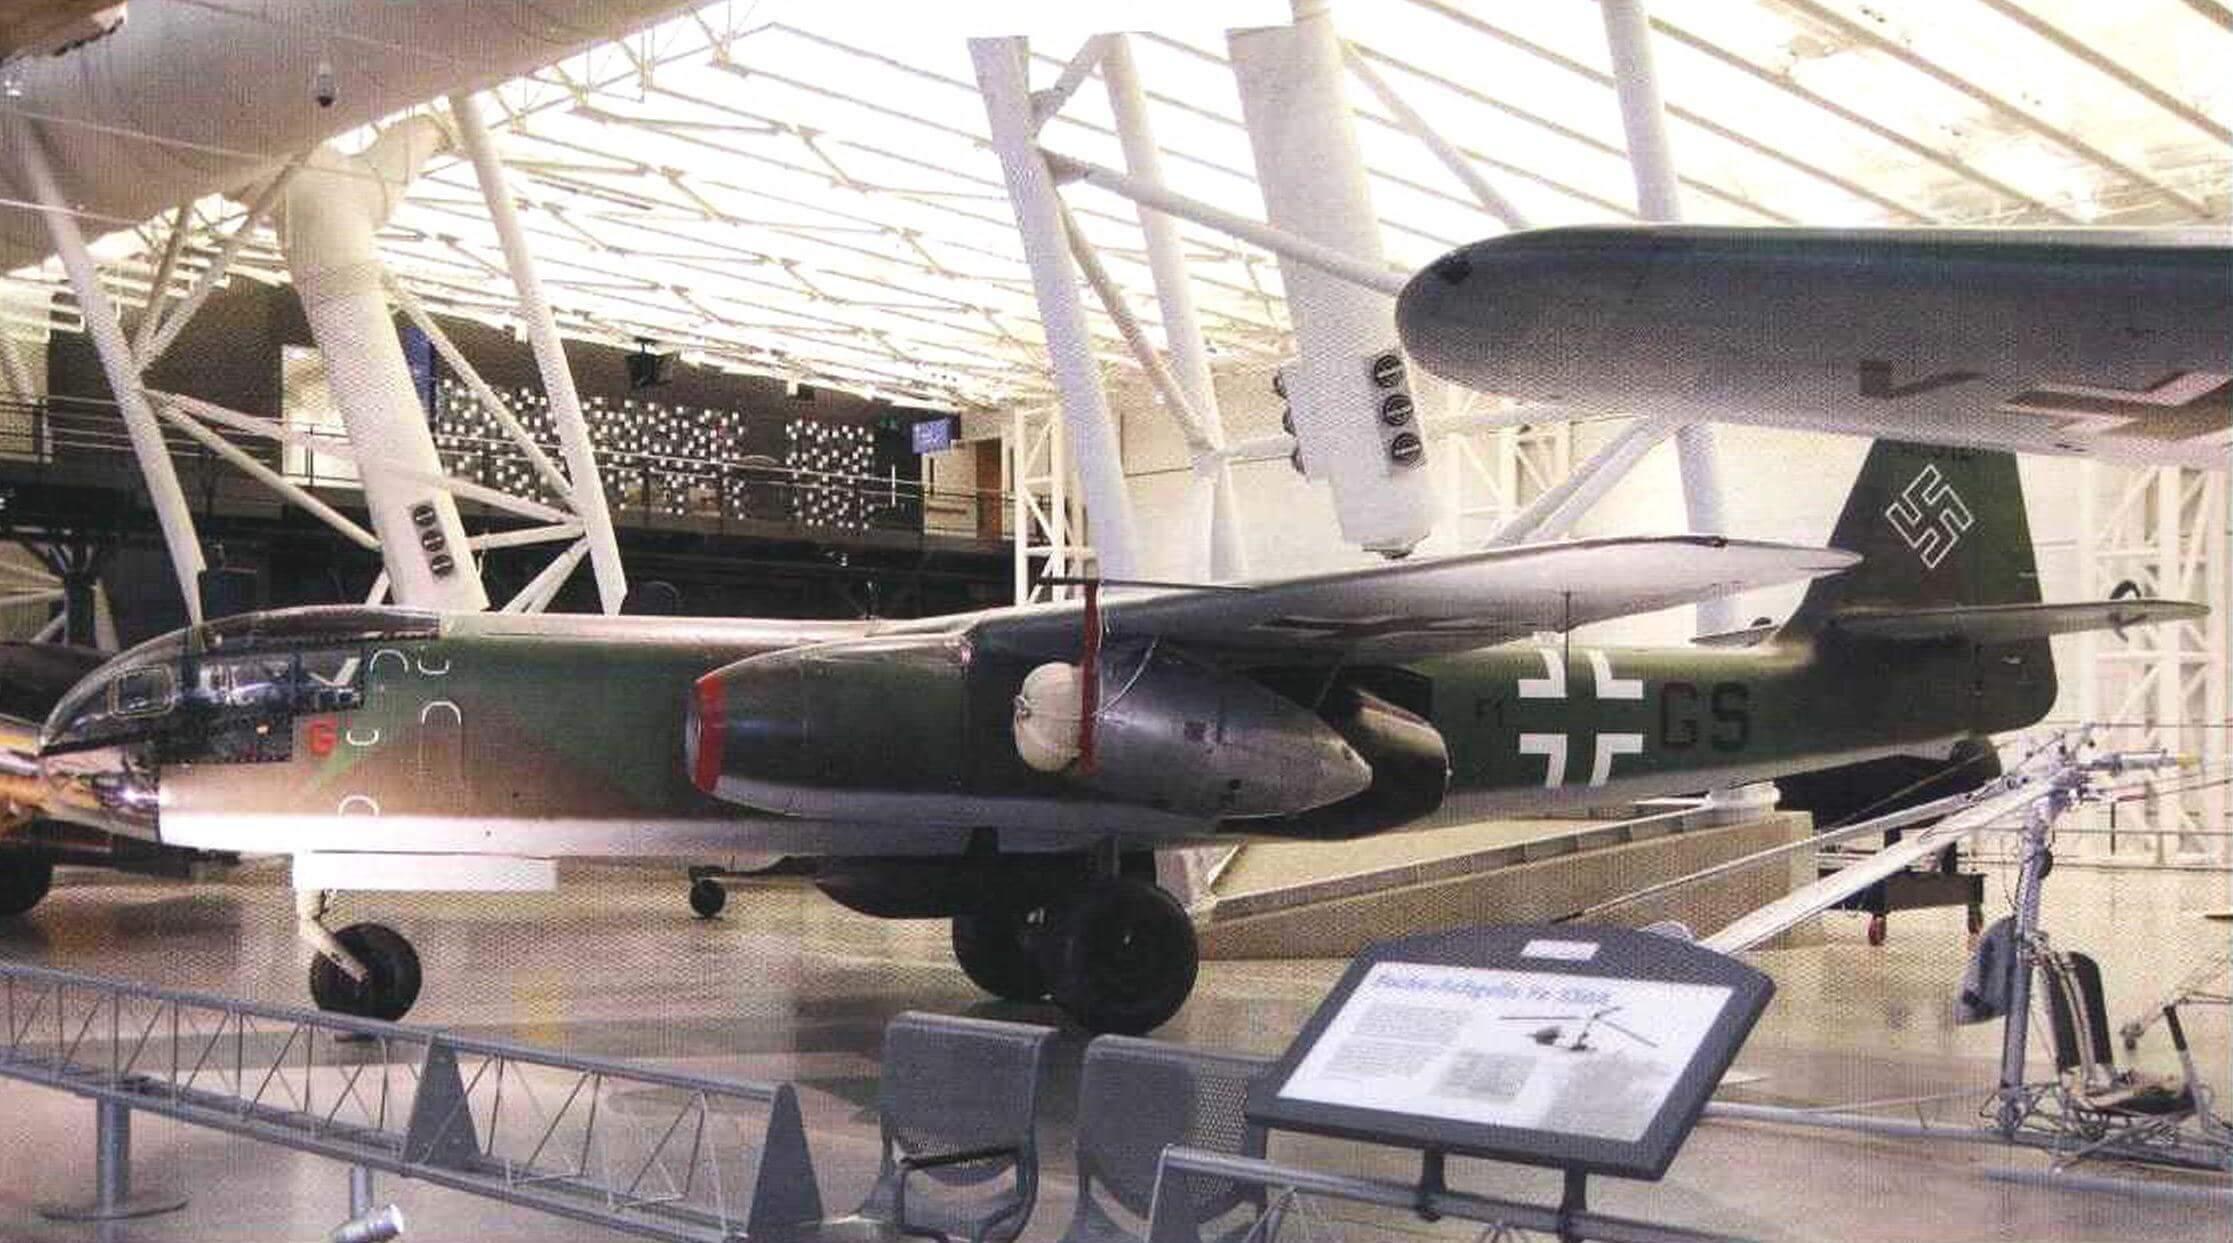 Ar234В в экспозиции Национального музея авиации и космонавтики в Вашингтоне. Фото Г. Слуцкого